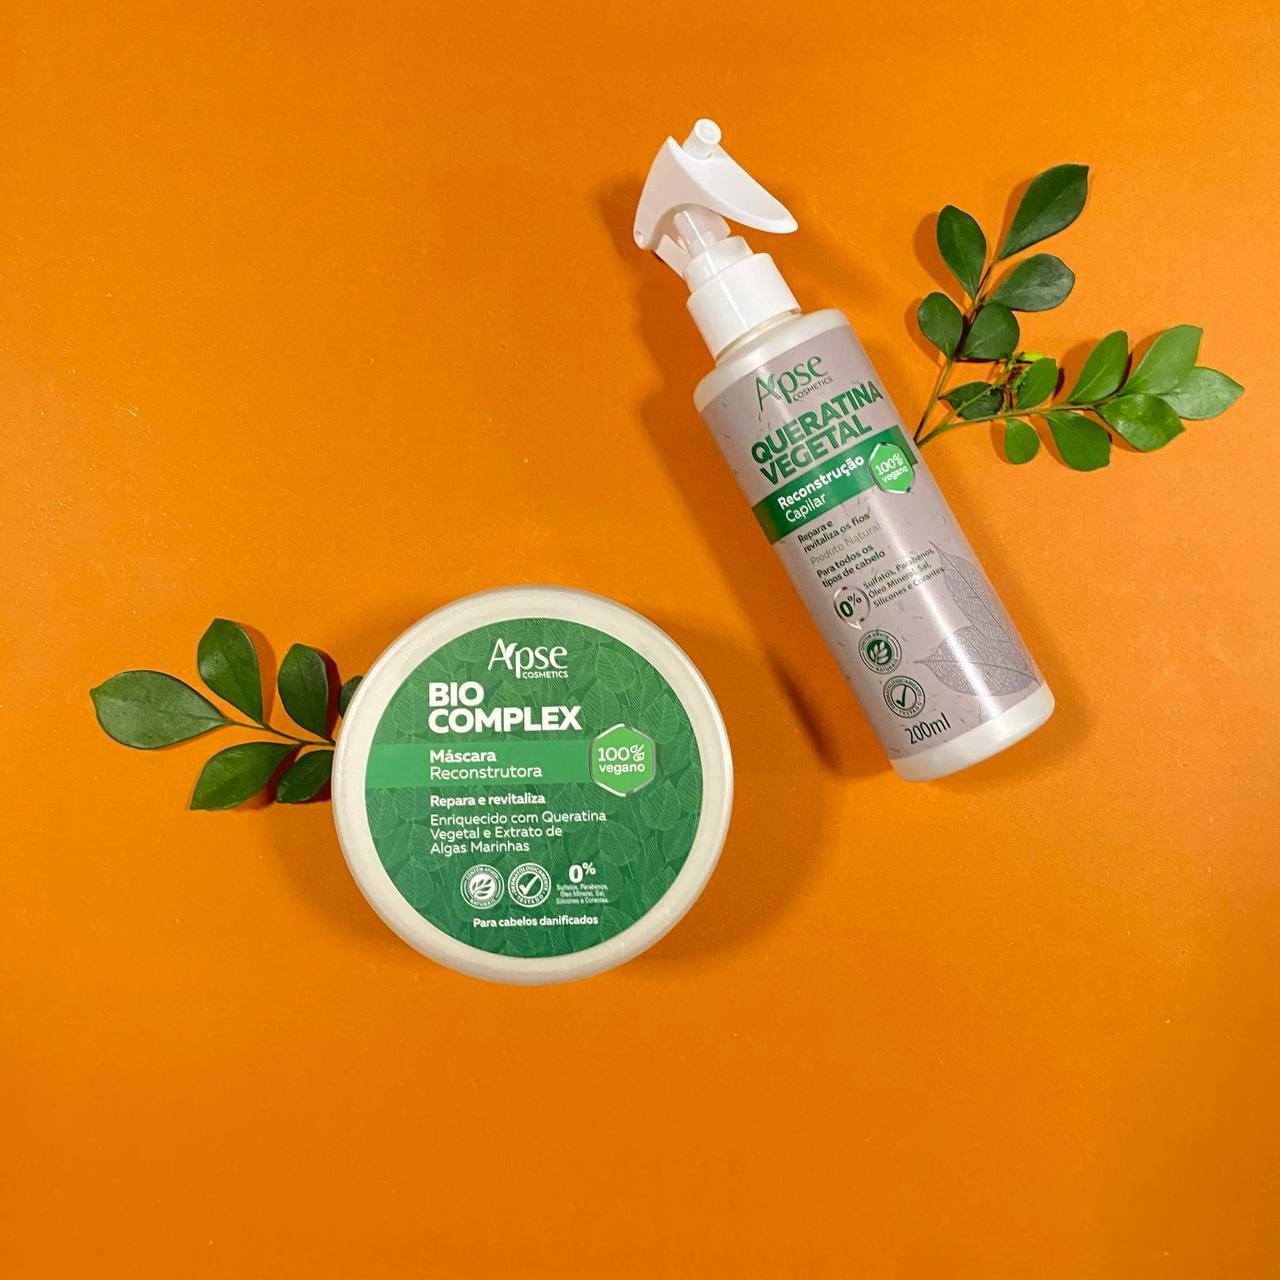 Kit Cabelos Super Danificados Bio Complex - Apse Cosmetics